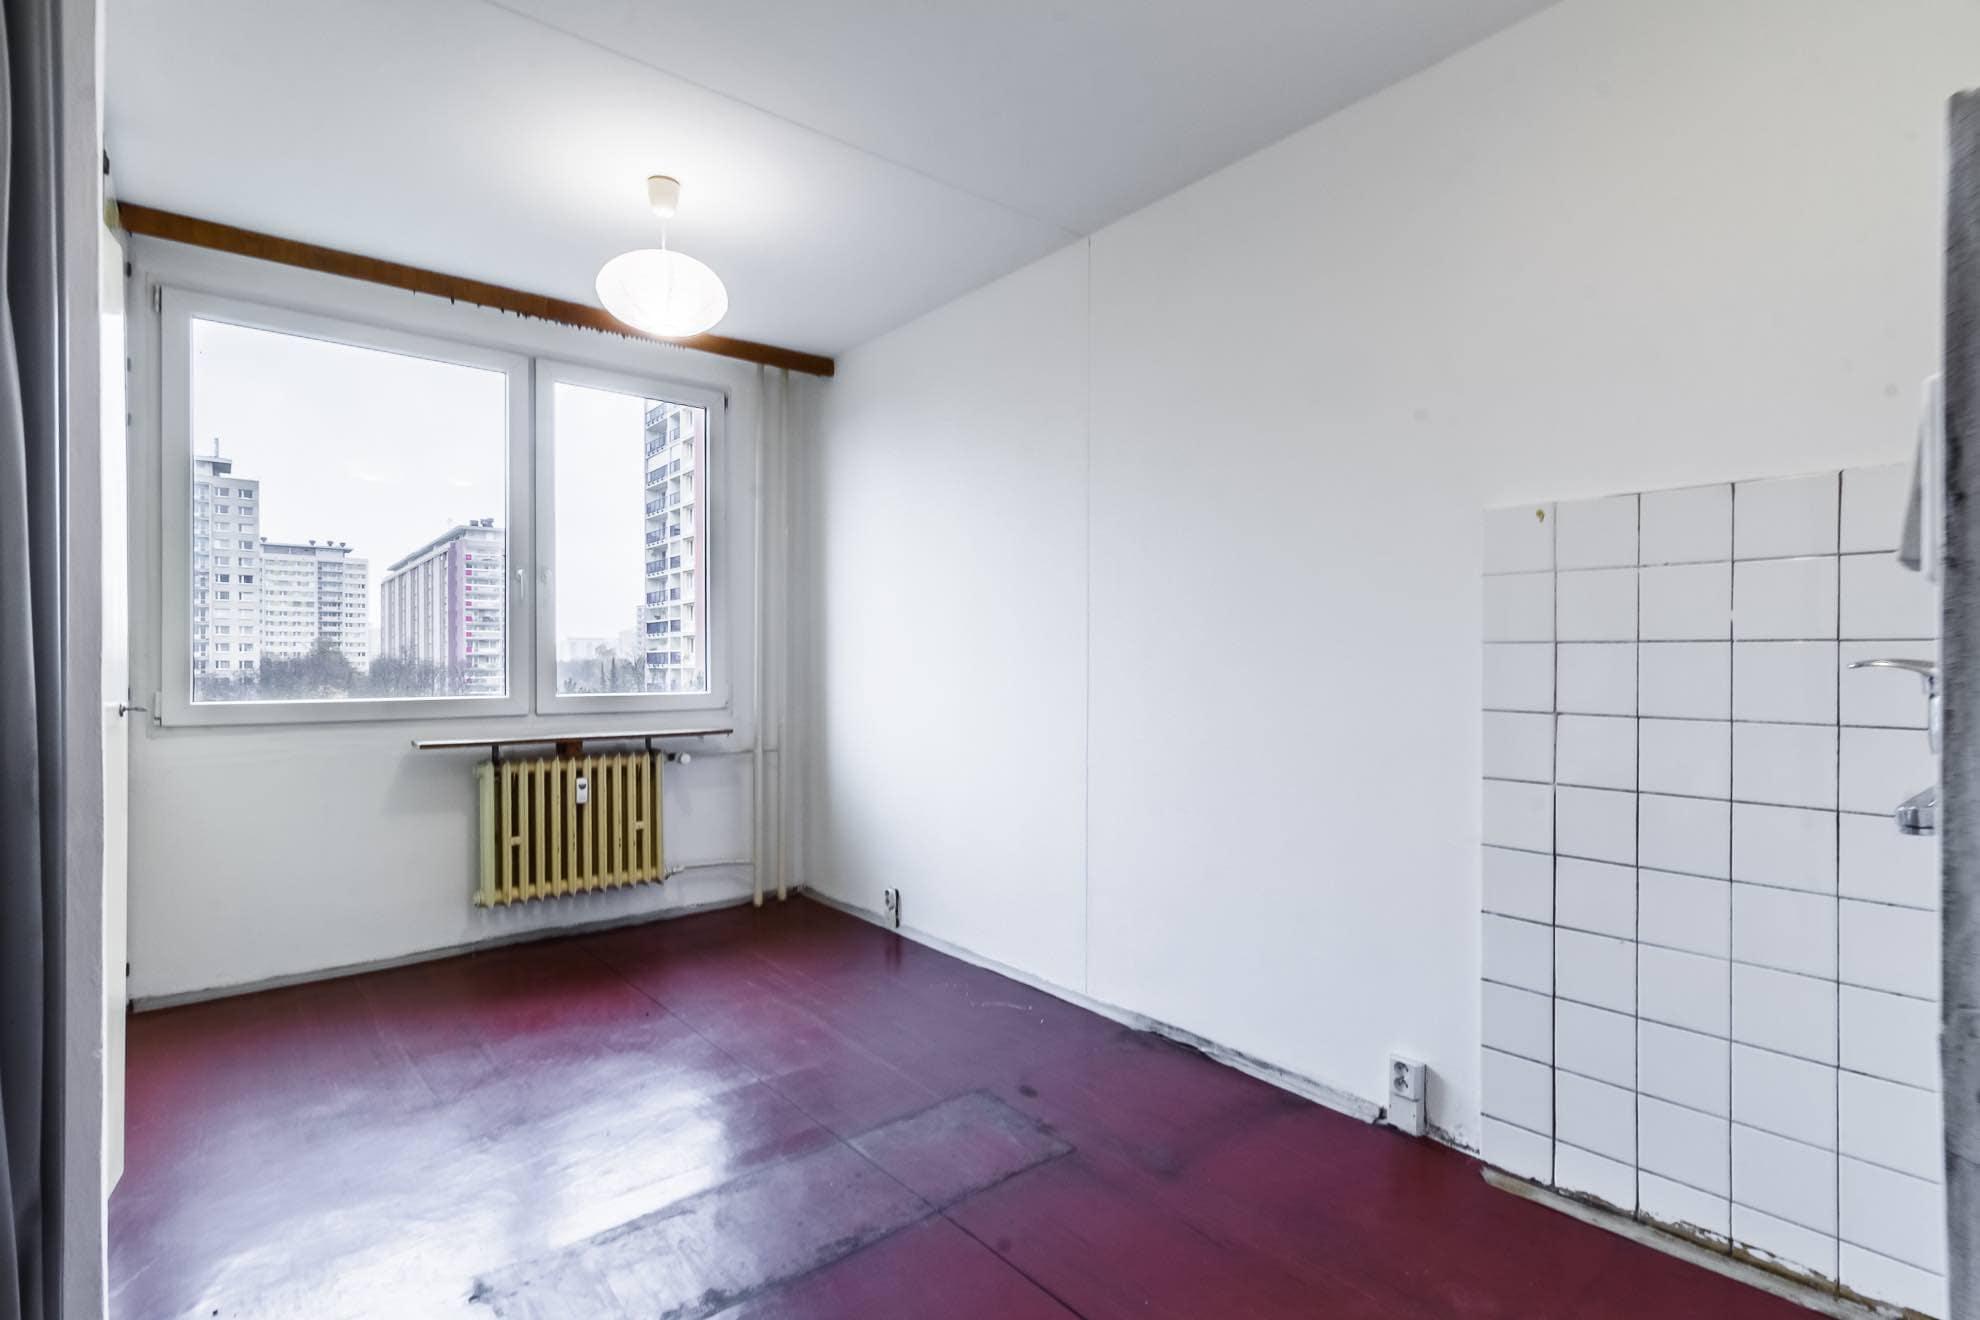 Vizualizace prodeje bytu na Jižním Městě, nejlepší realitní makléř v Praze r. 2018 Hloušek